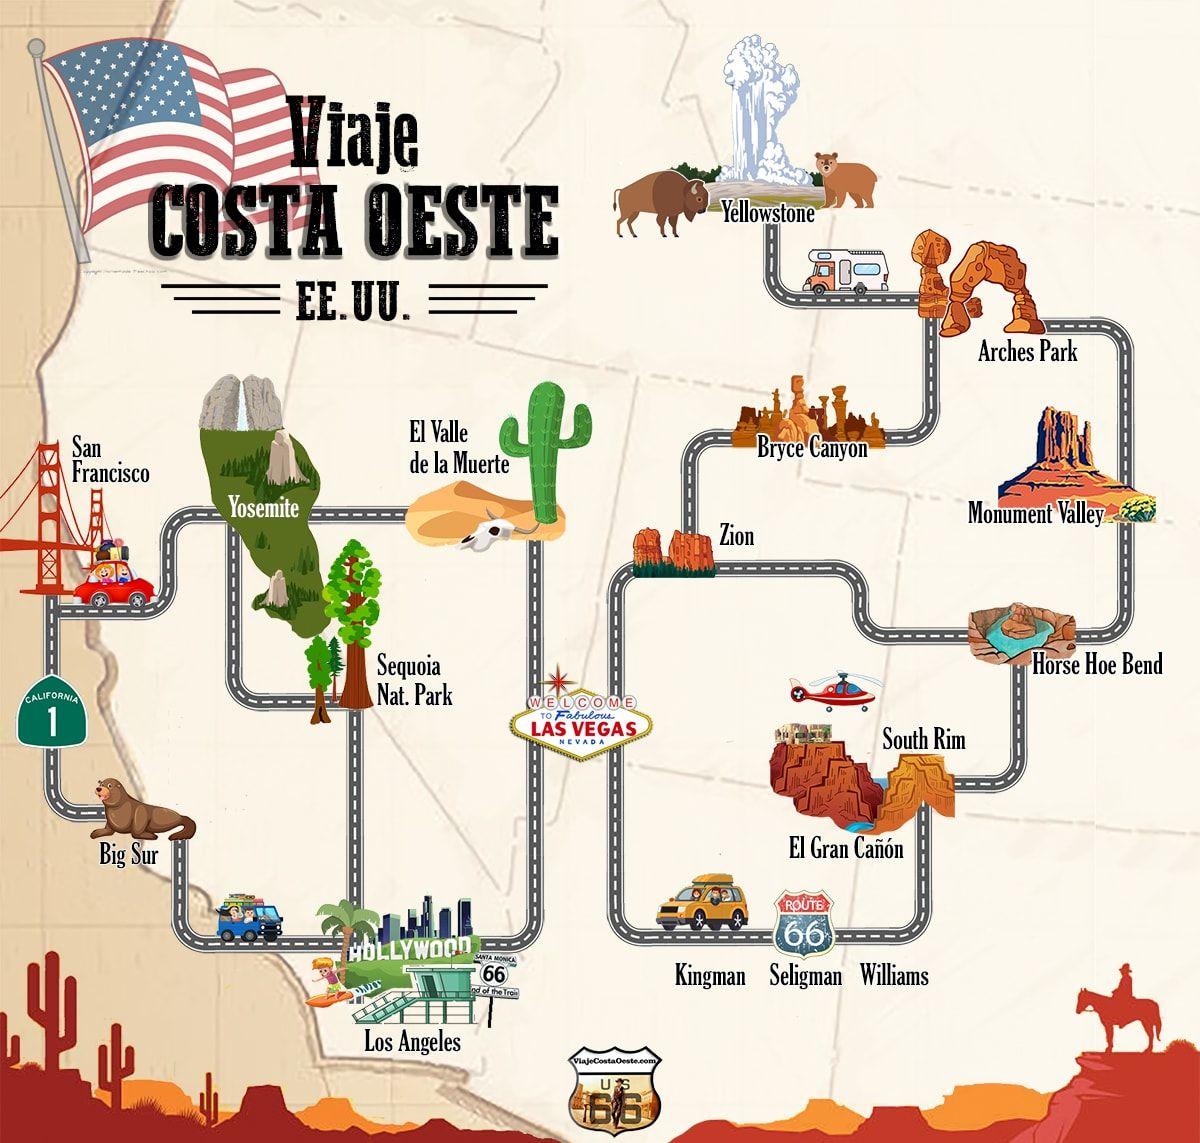 Planifica Tu Propia Ruta Para Viajar Por La Costa Oeste De Eeuu